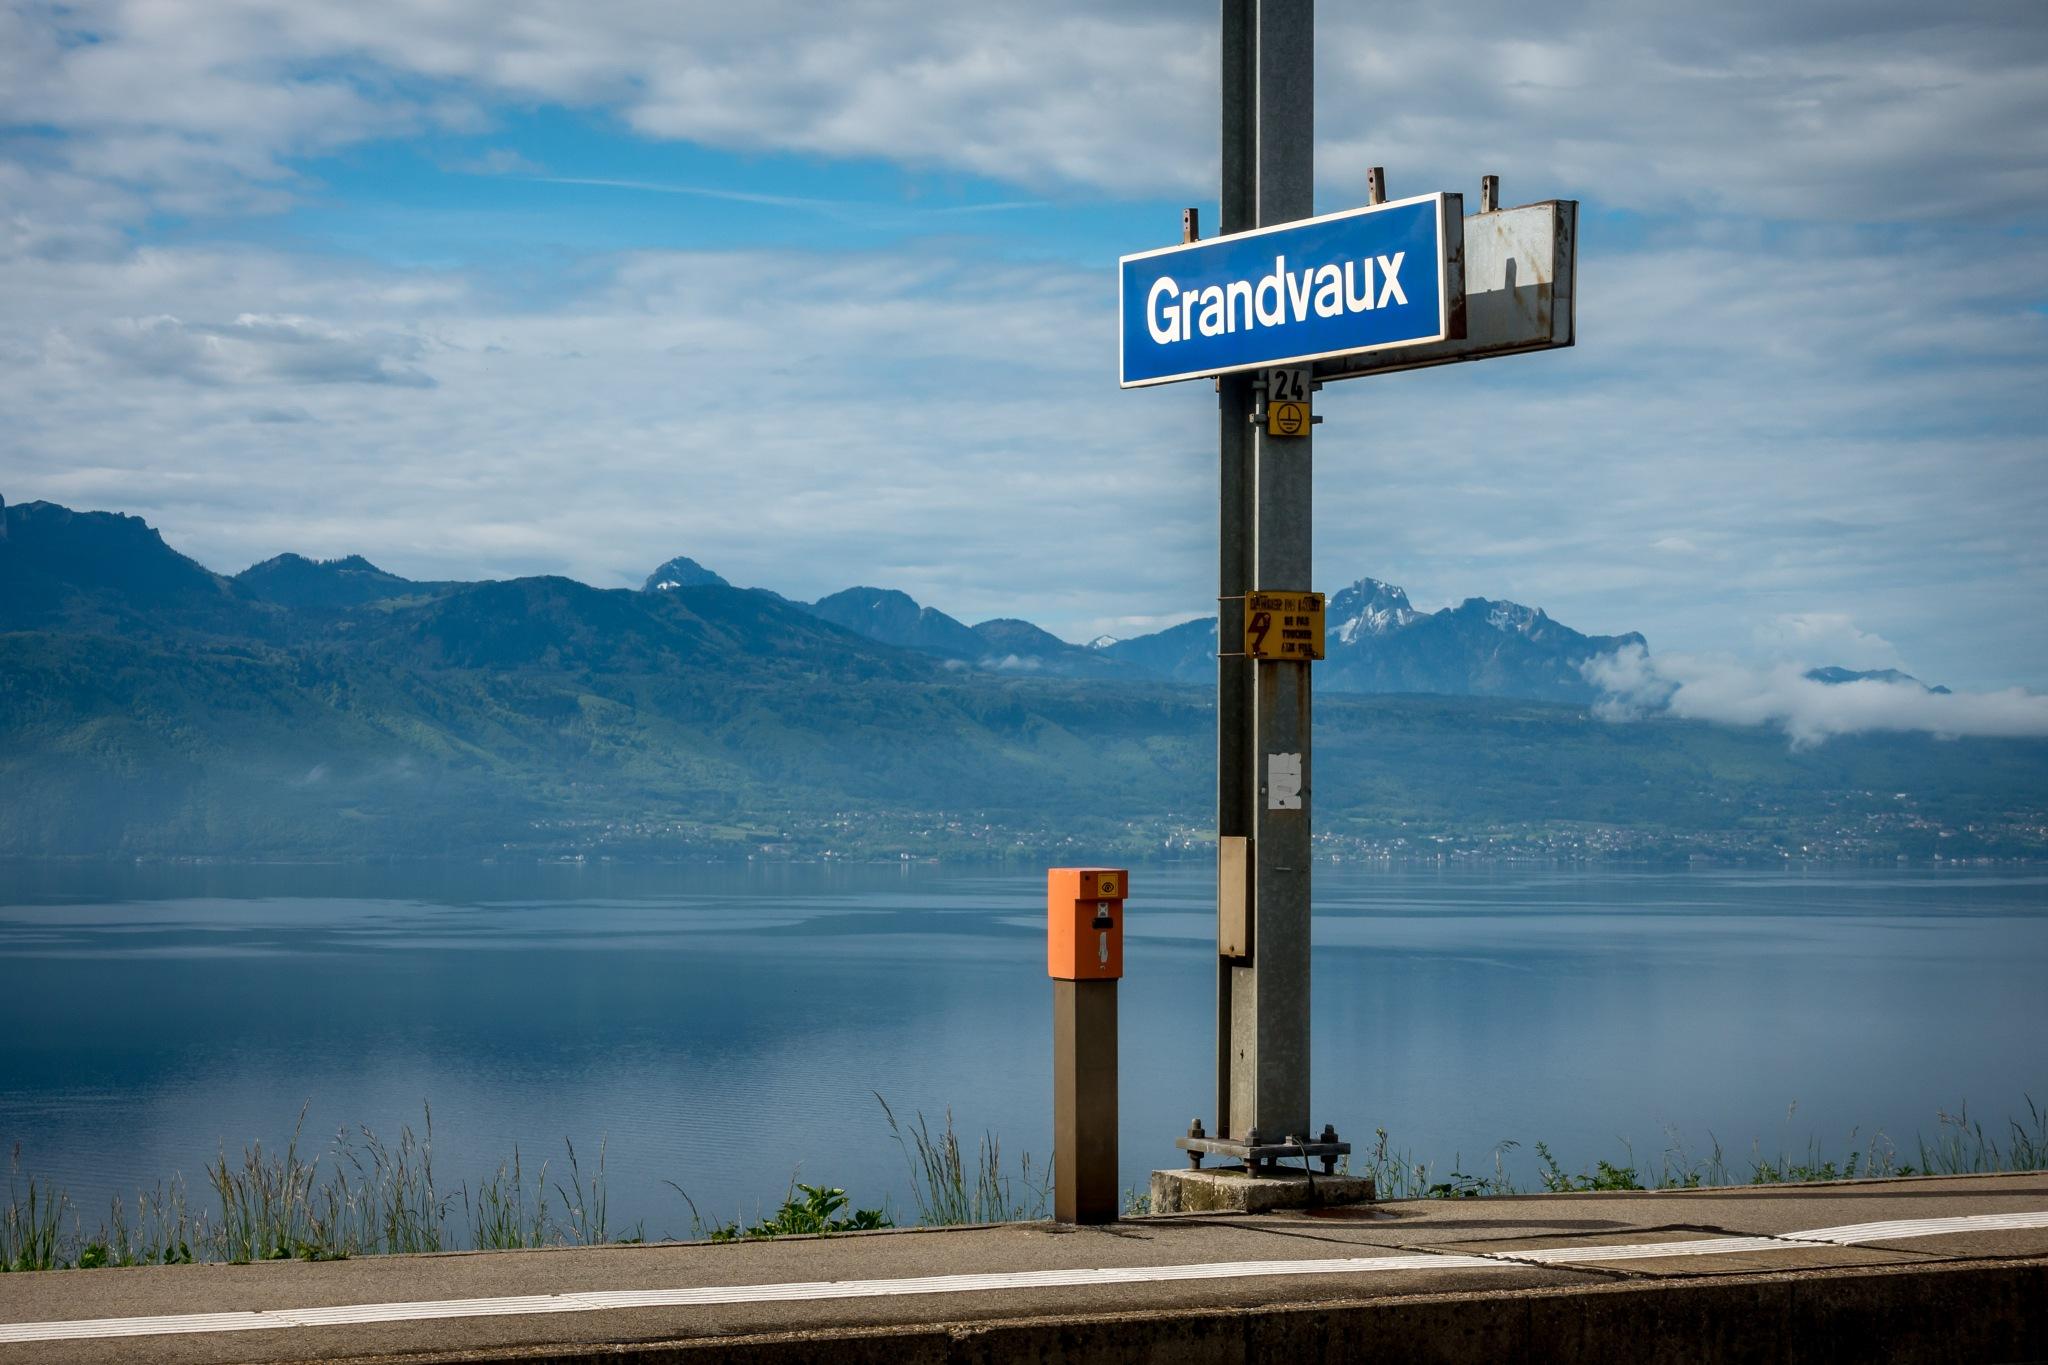 Grandvaux Gare by Daniel M.